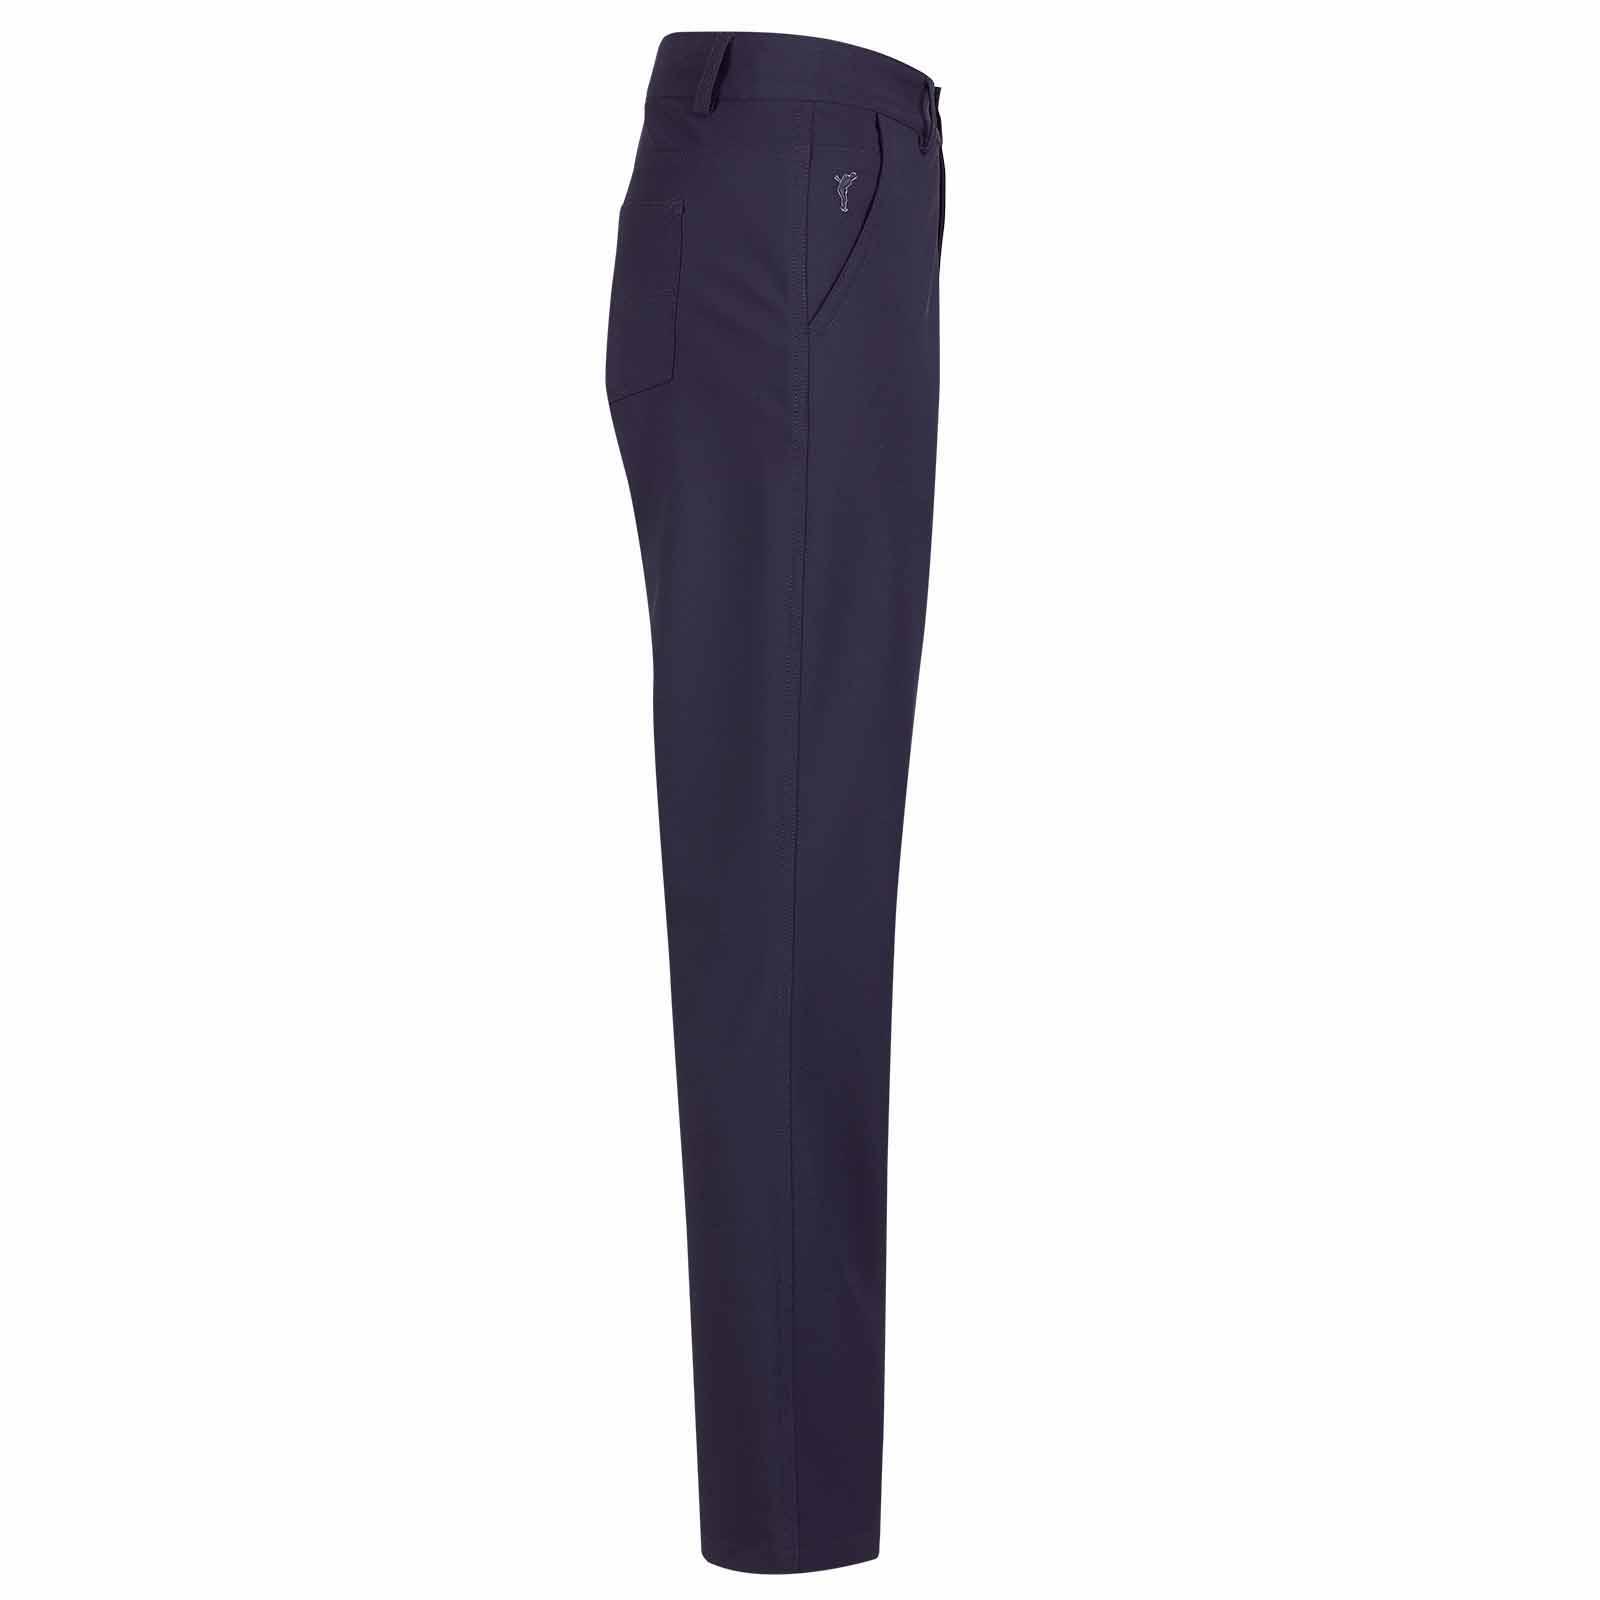 Wasserabweisende 7/8 Damen Golfhose mit hohem Tragekomfort